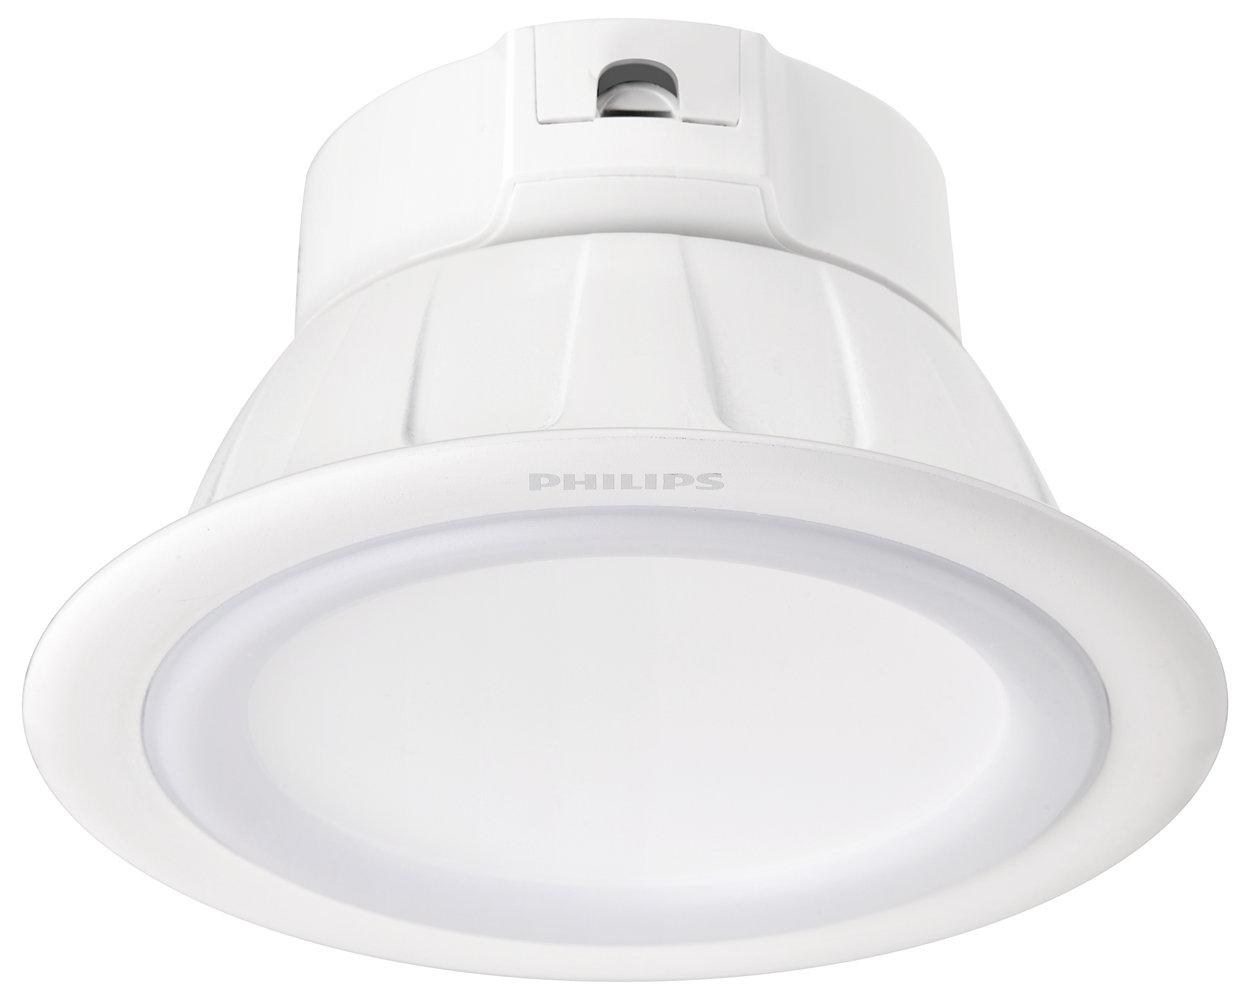 แสงสว่างอรรถประโยชน์สำหรับบ้านอัจฉริยะ